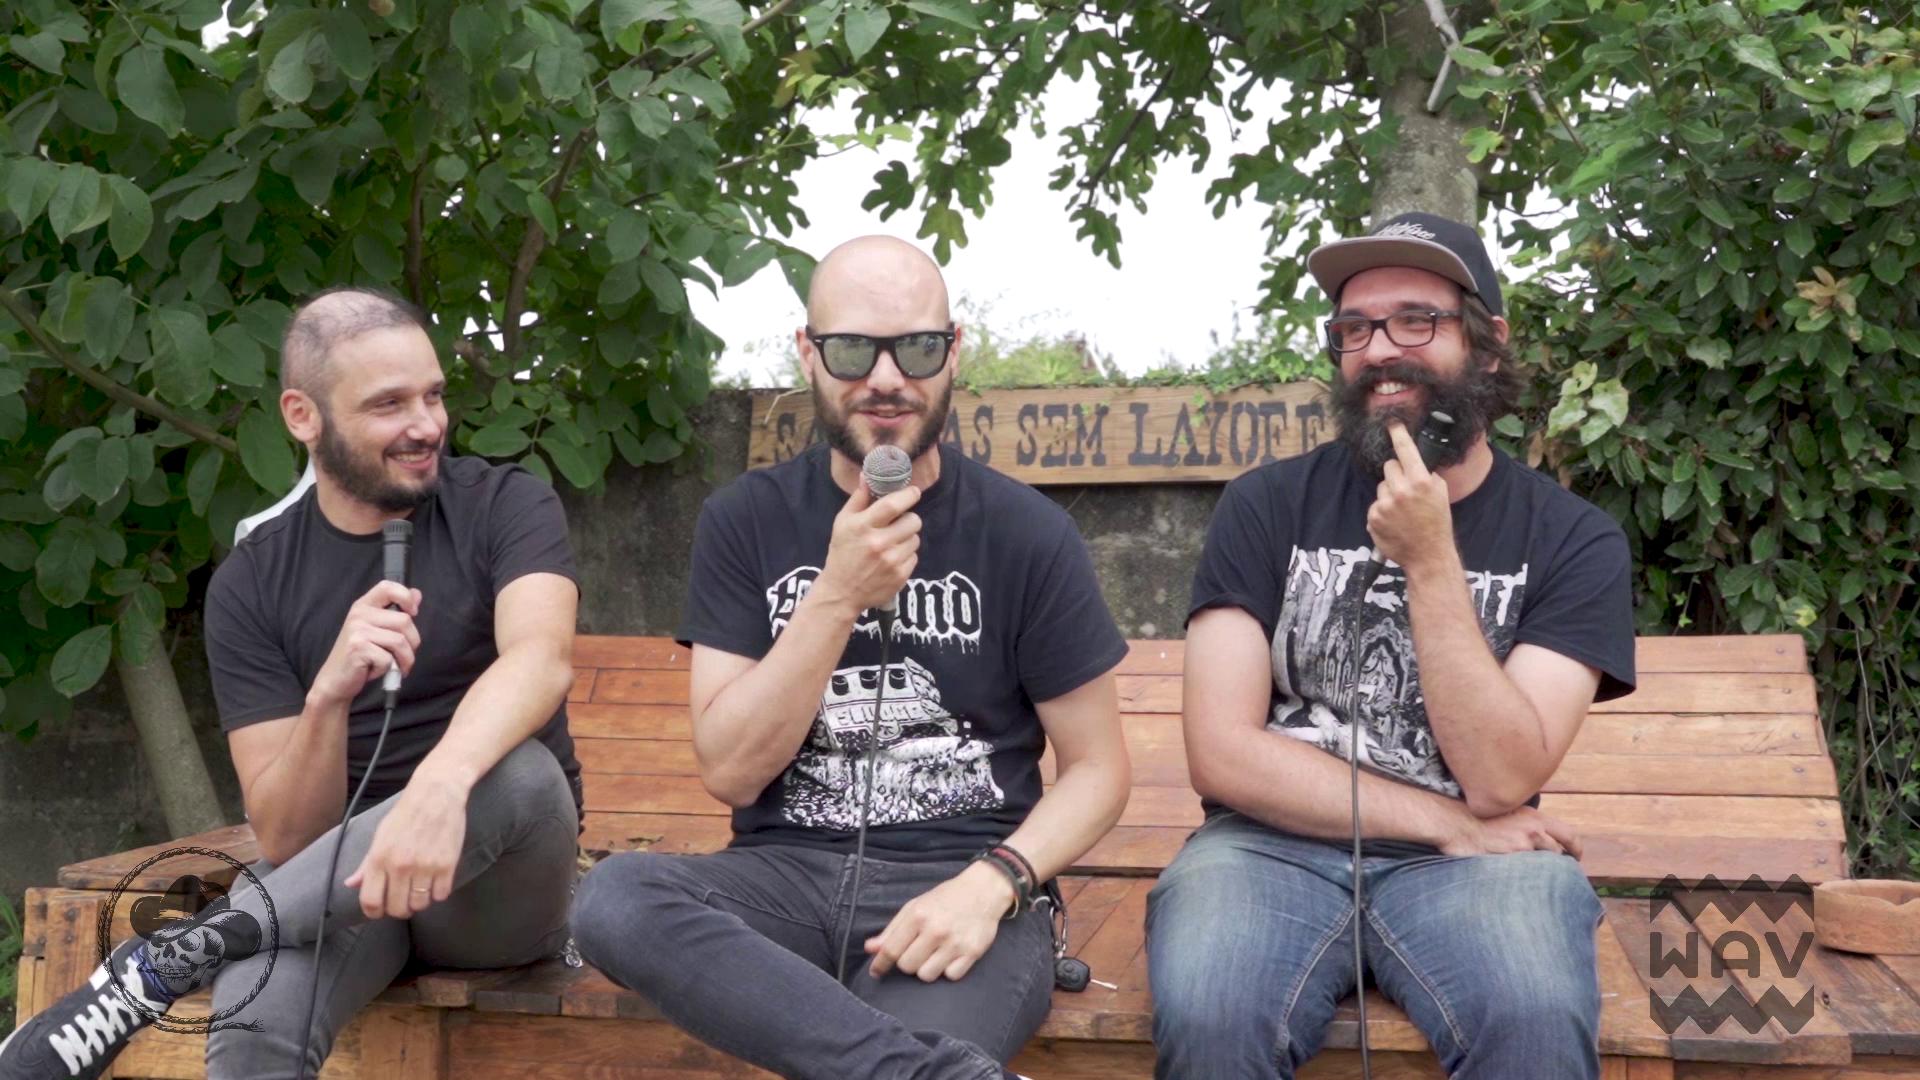 EVOKE COLLECTIVE x WAV apresentam Sacanas Sem Layoff - Soul of Anubis em Entrevista